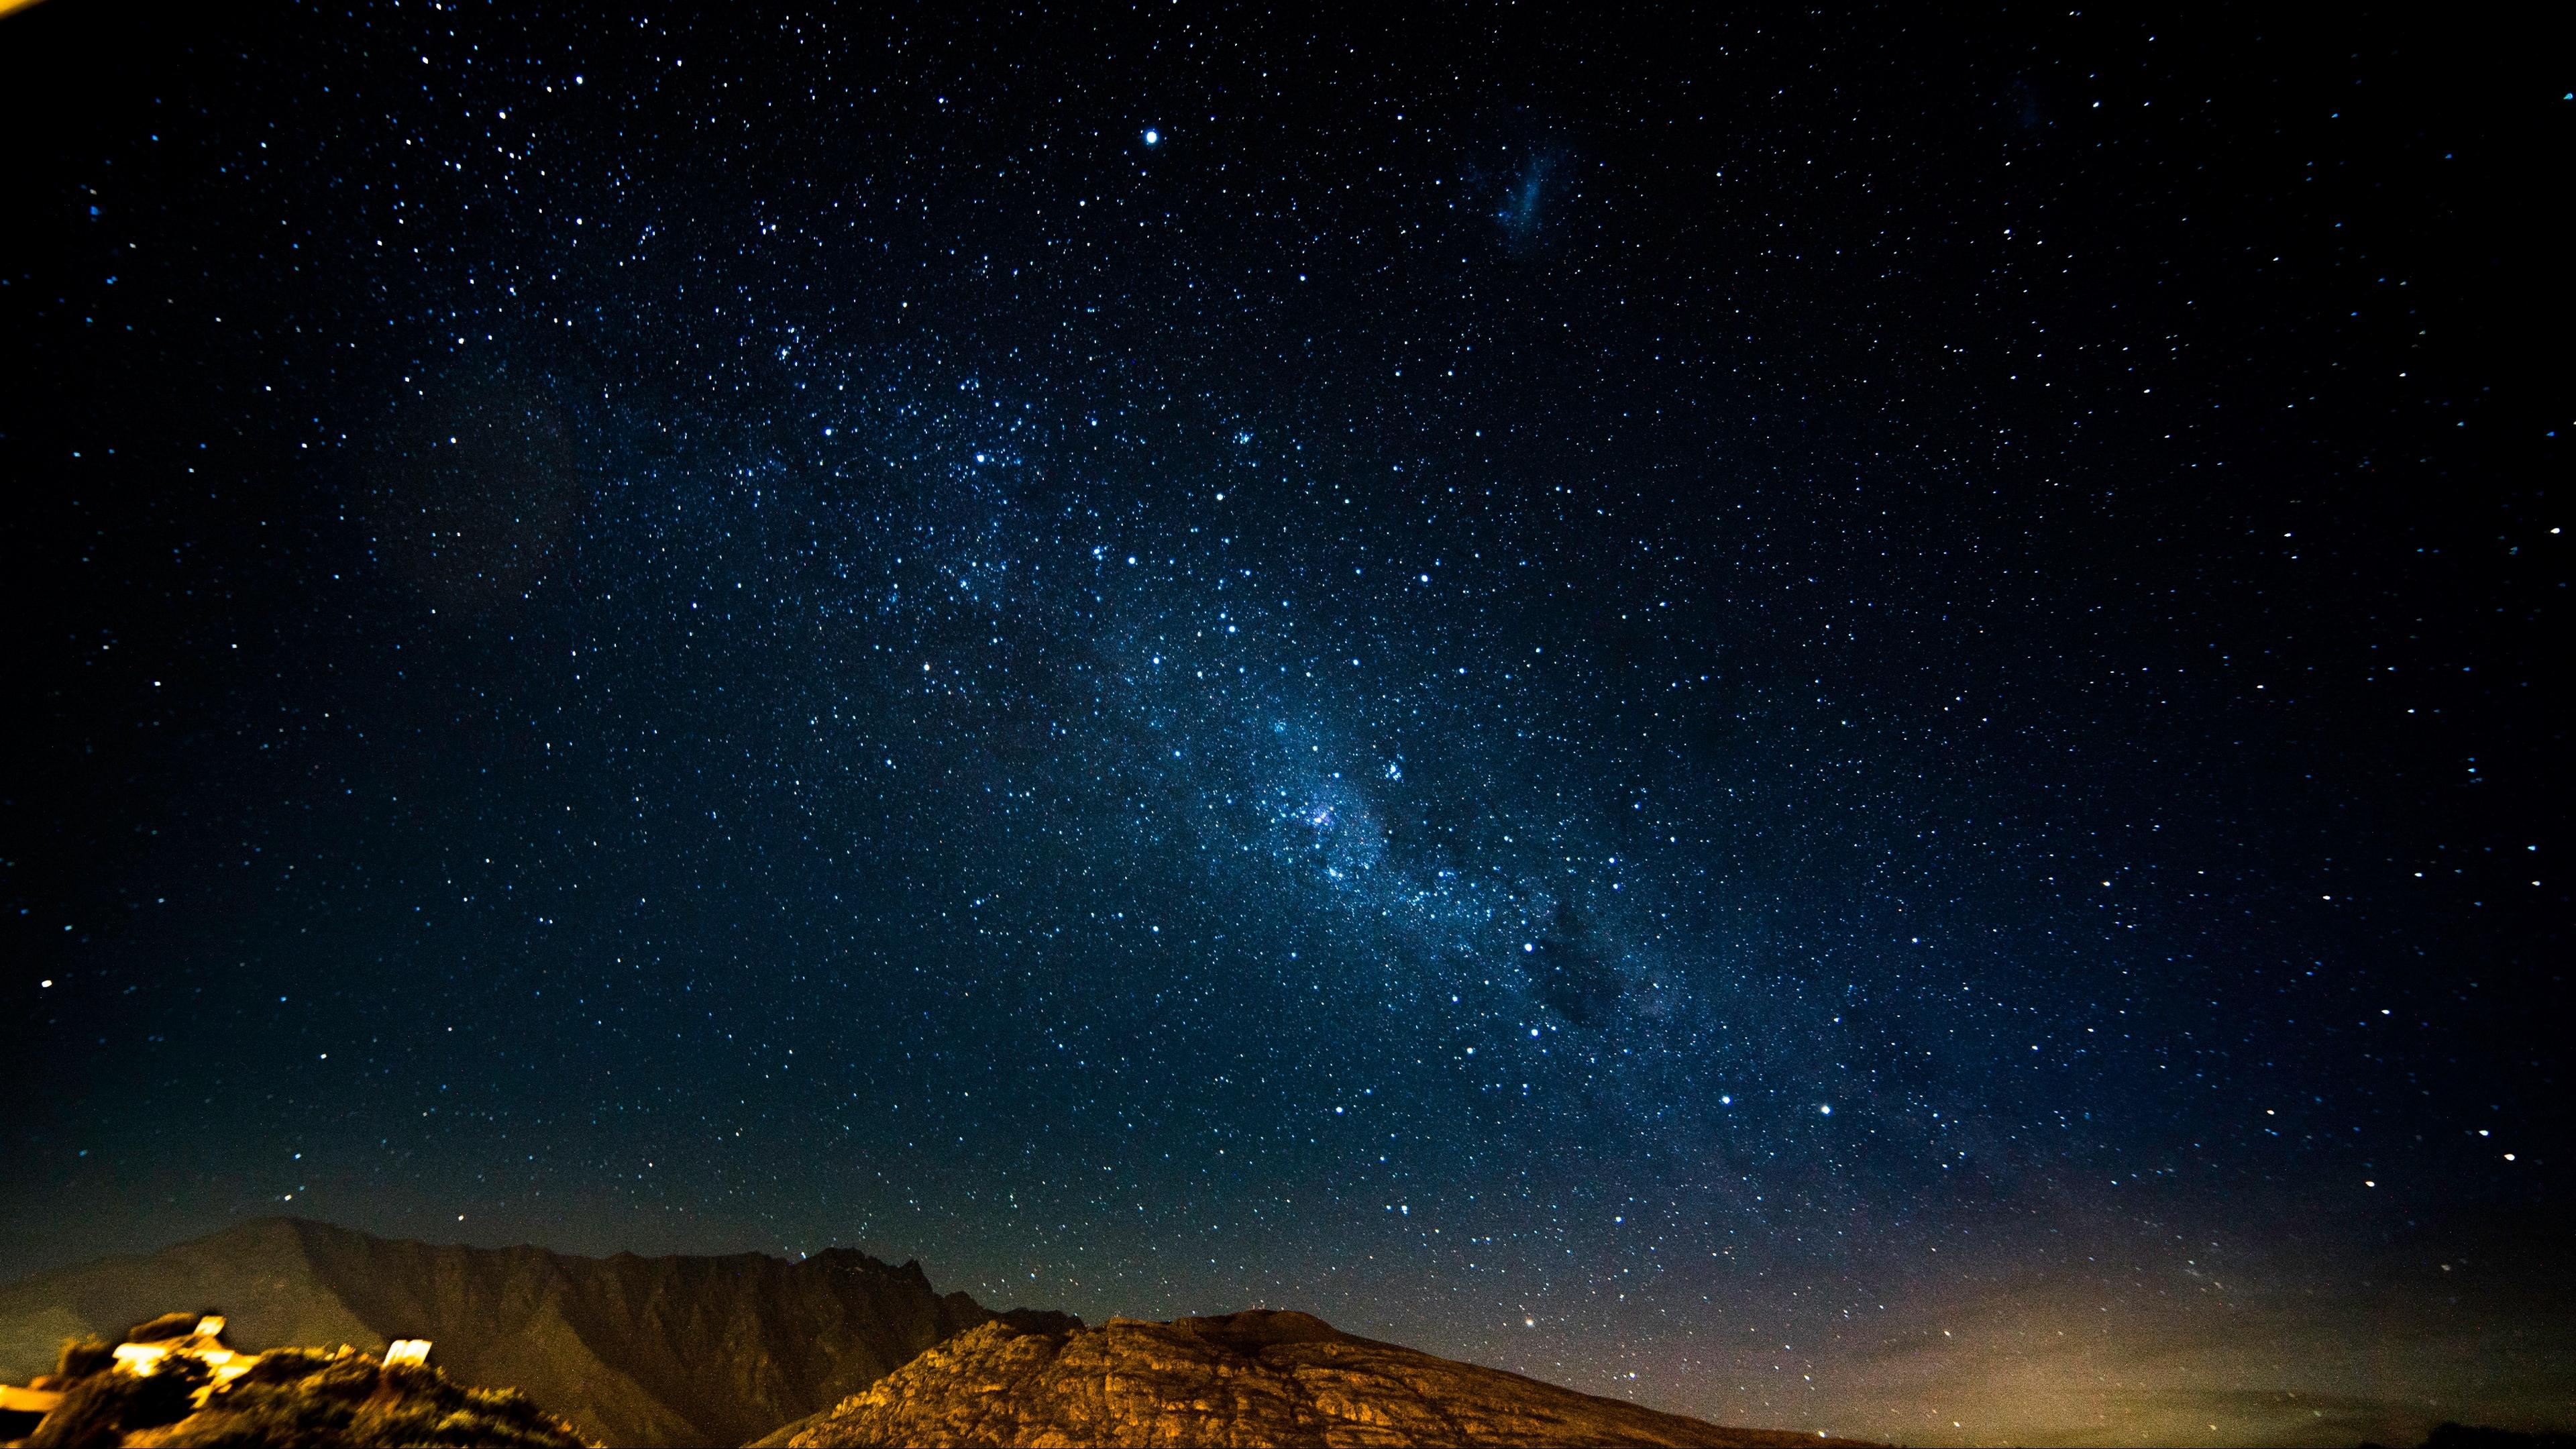 starry sky night mountains radiance glitter 4k 1536017175 - starry sky, night, mountains, radiance, glitter 4k - starry sky, Night, Mountains